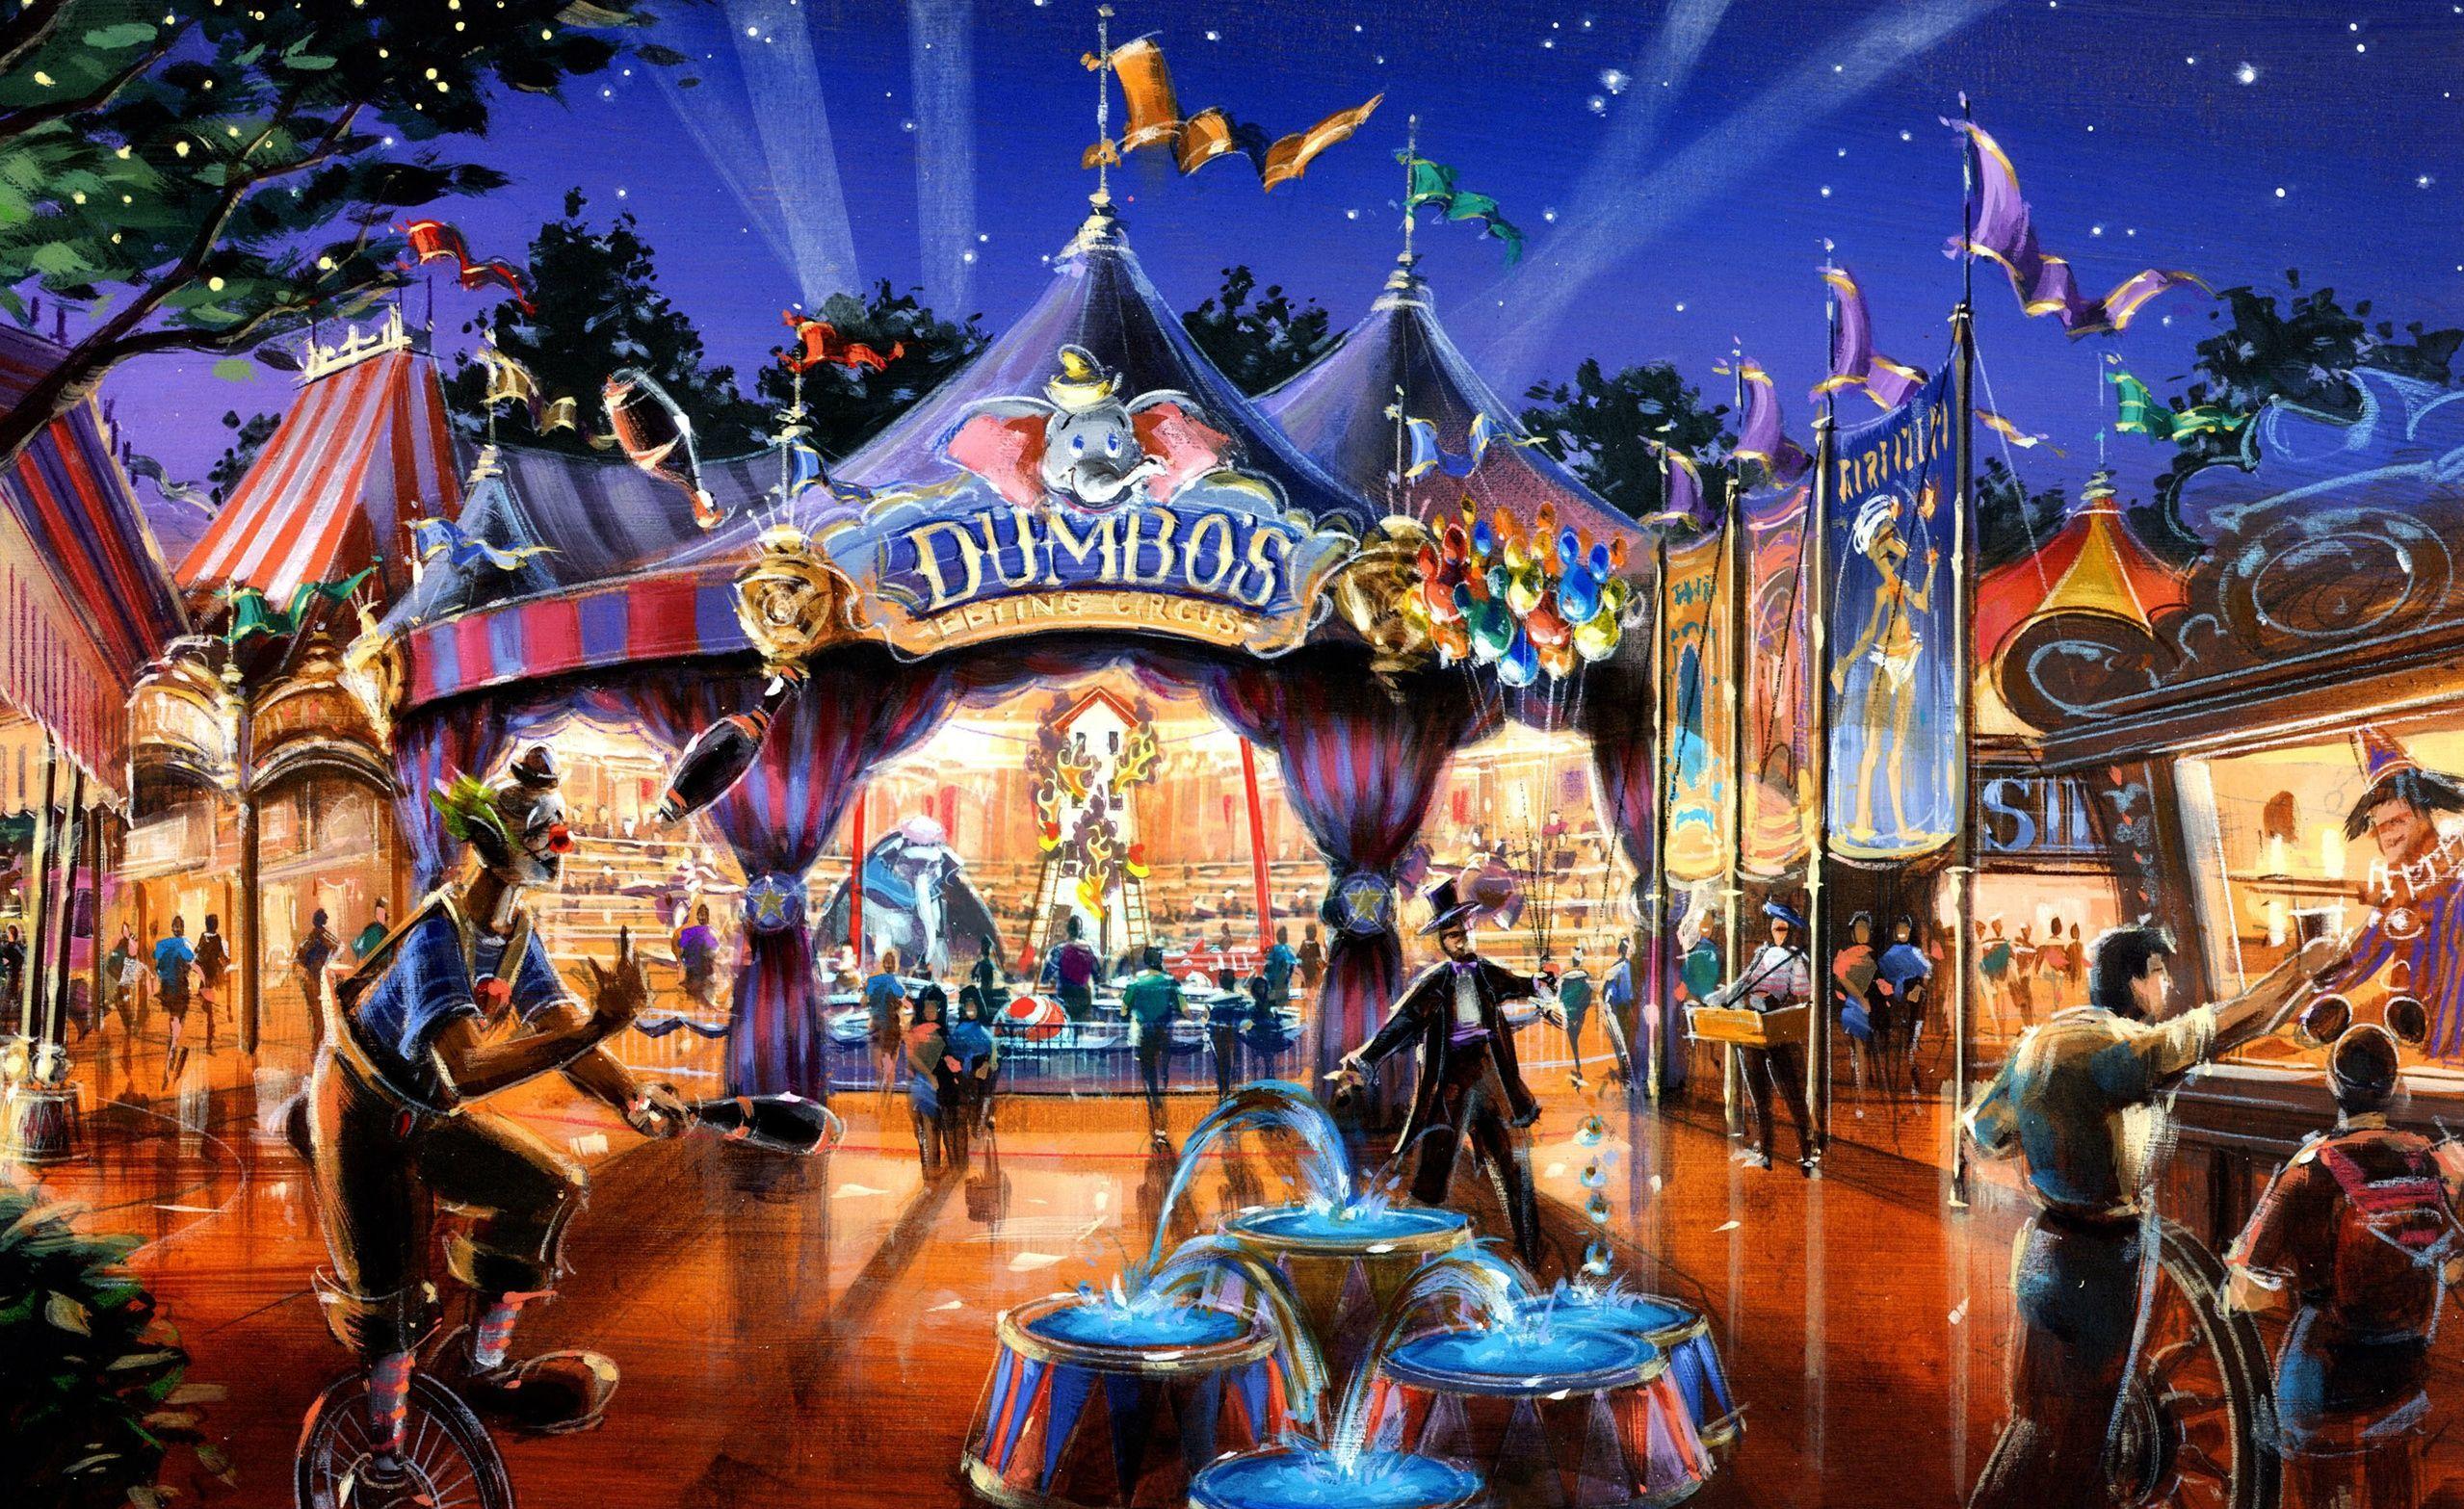 Circus Computer Wallpapers   Top Circus Computer Backgrounds 2558x1567